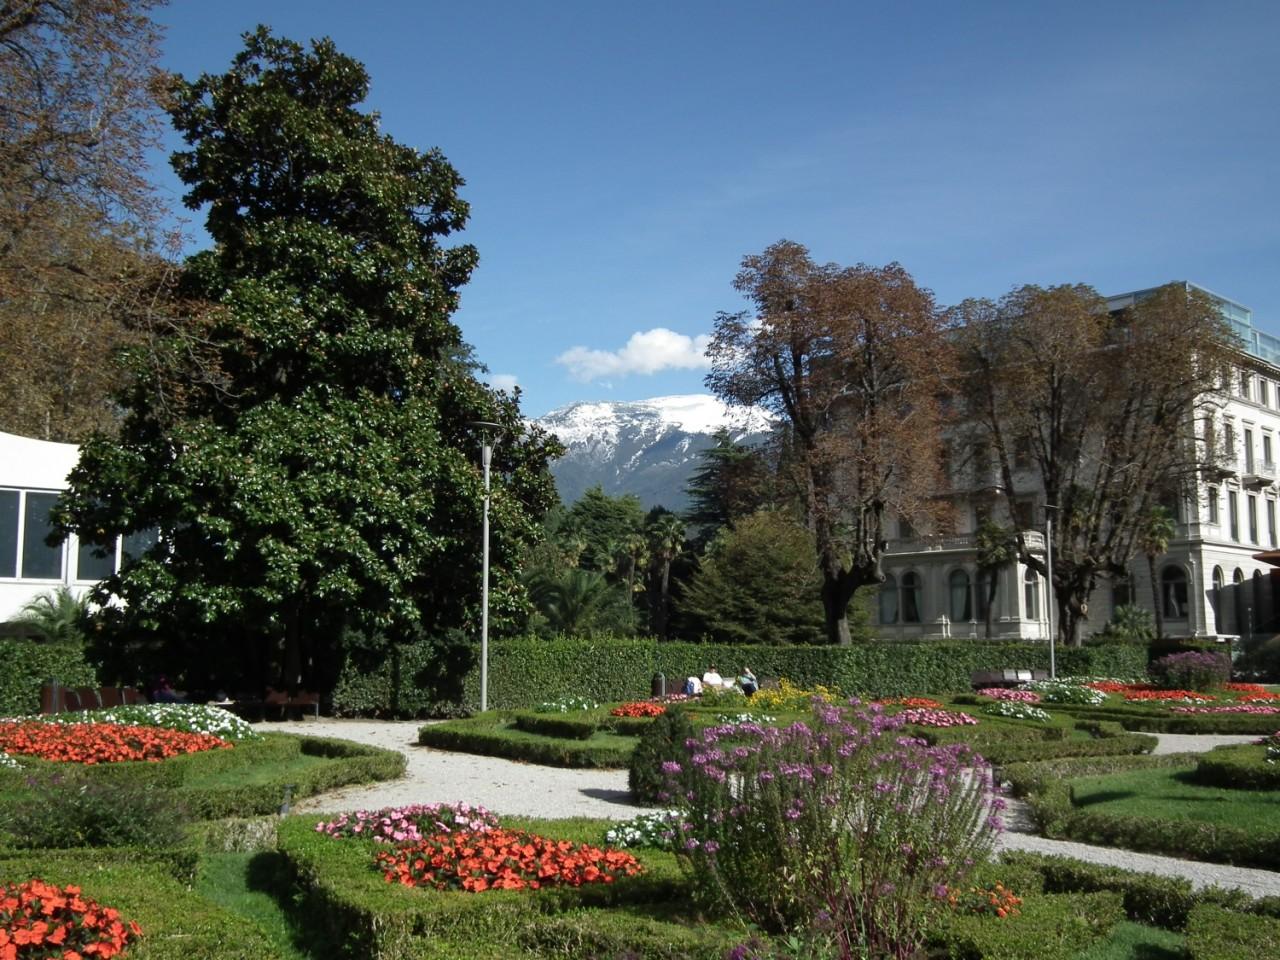 16th Concorso Corale Riva Del Garda Festival 2020